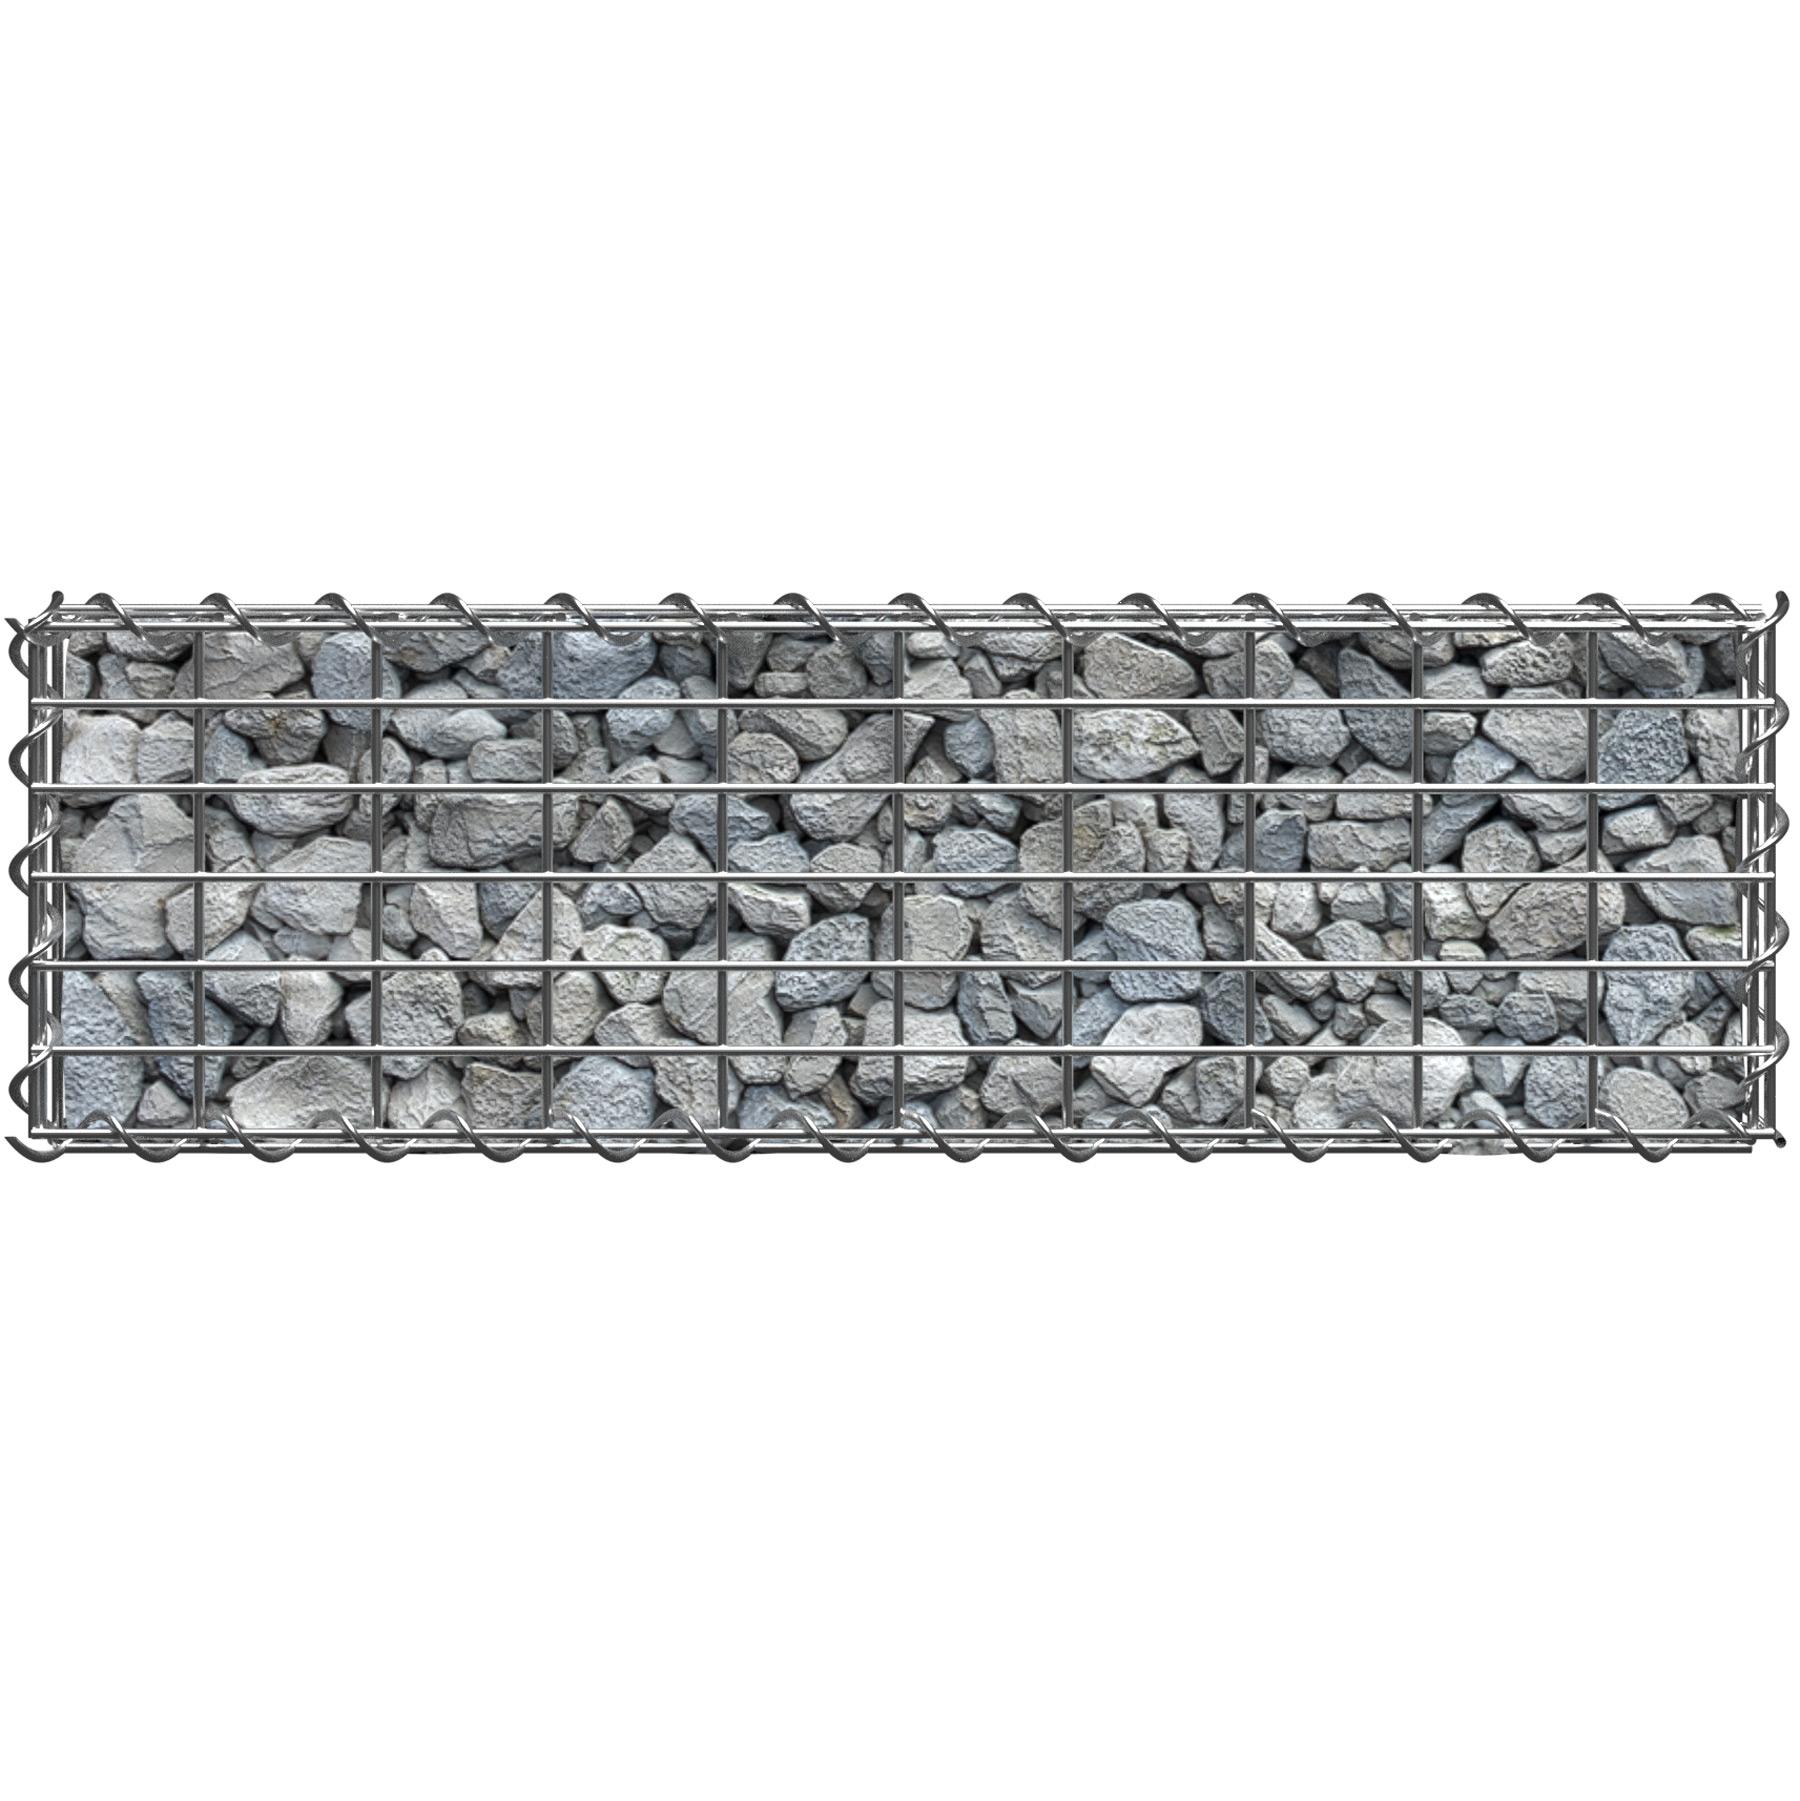 Gabione Steinkorb 100 x 30 x 30 cm günstig online kaufen